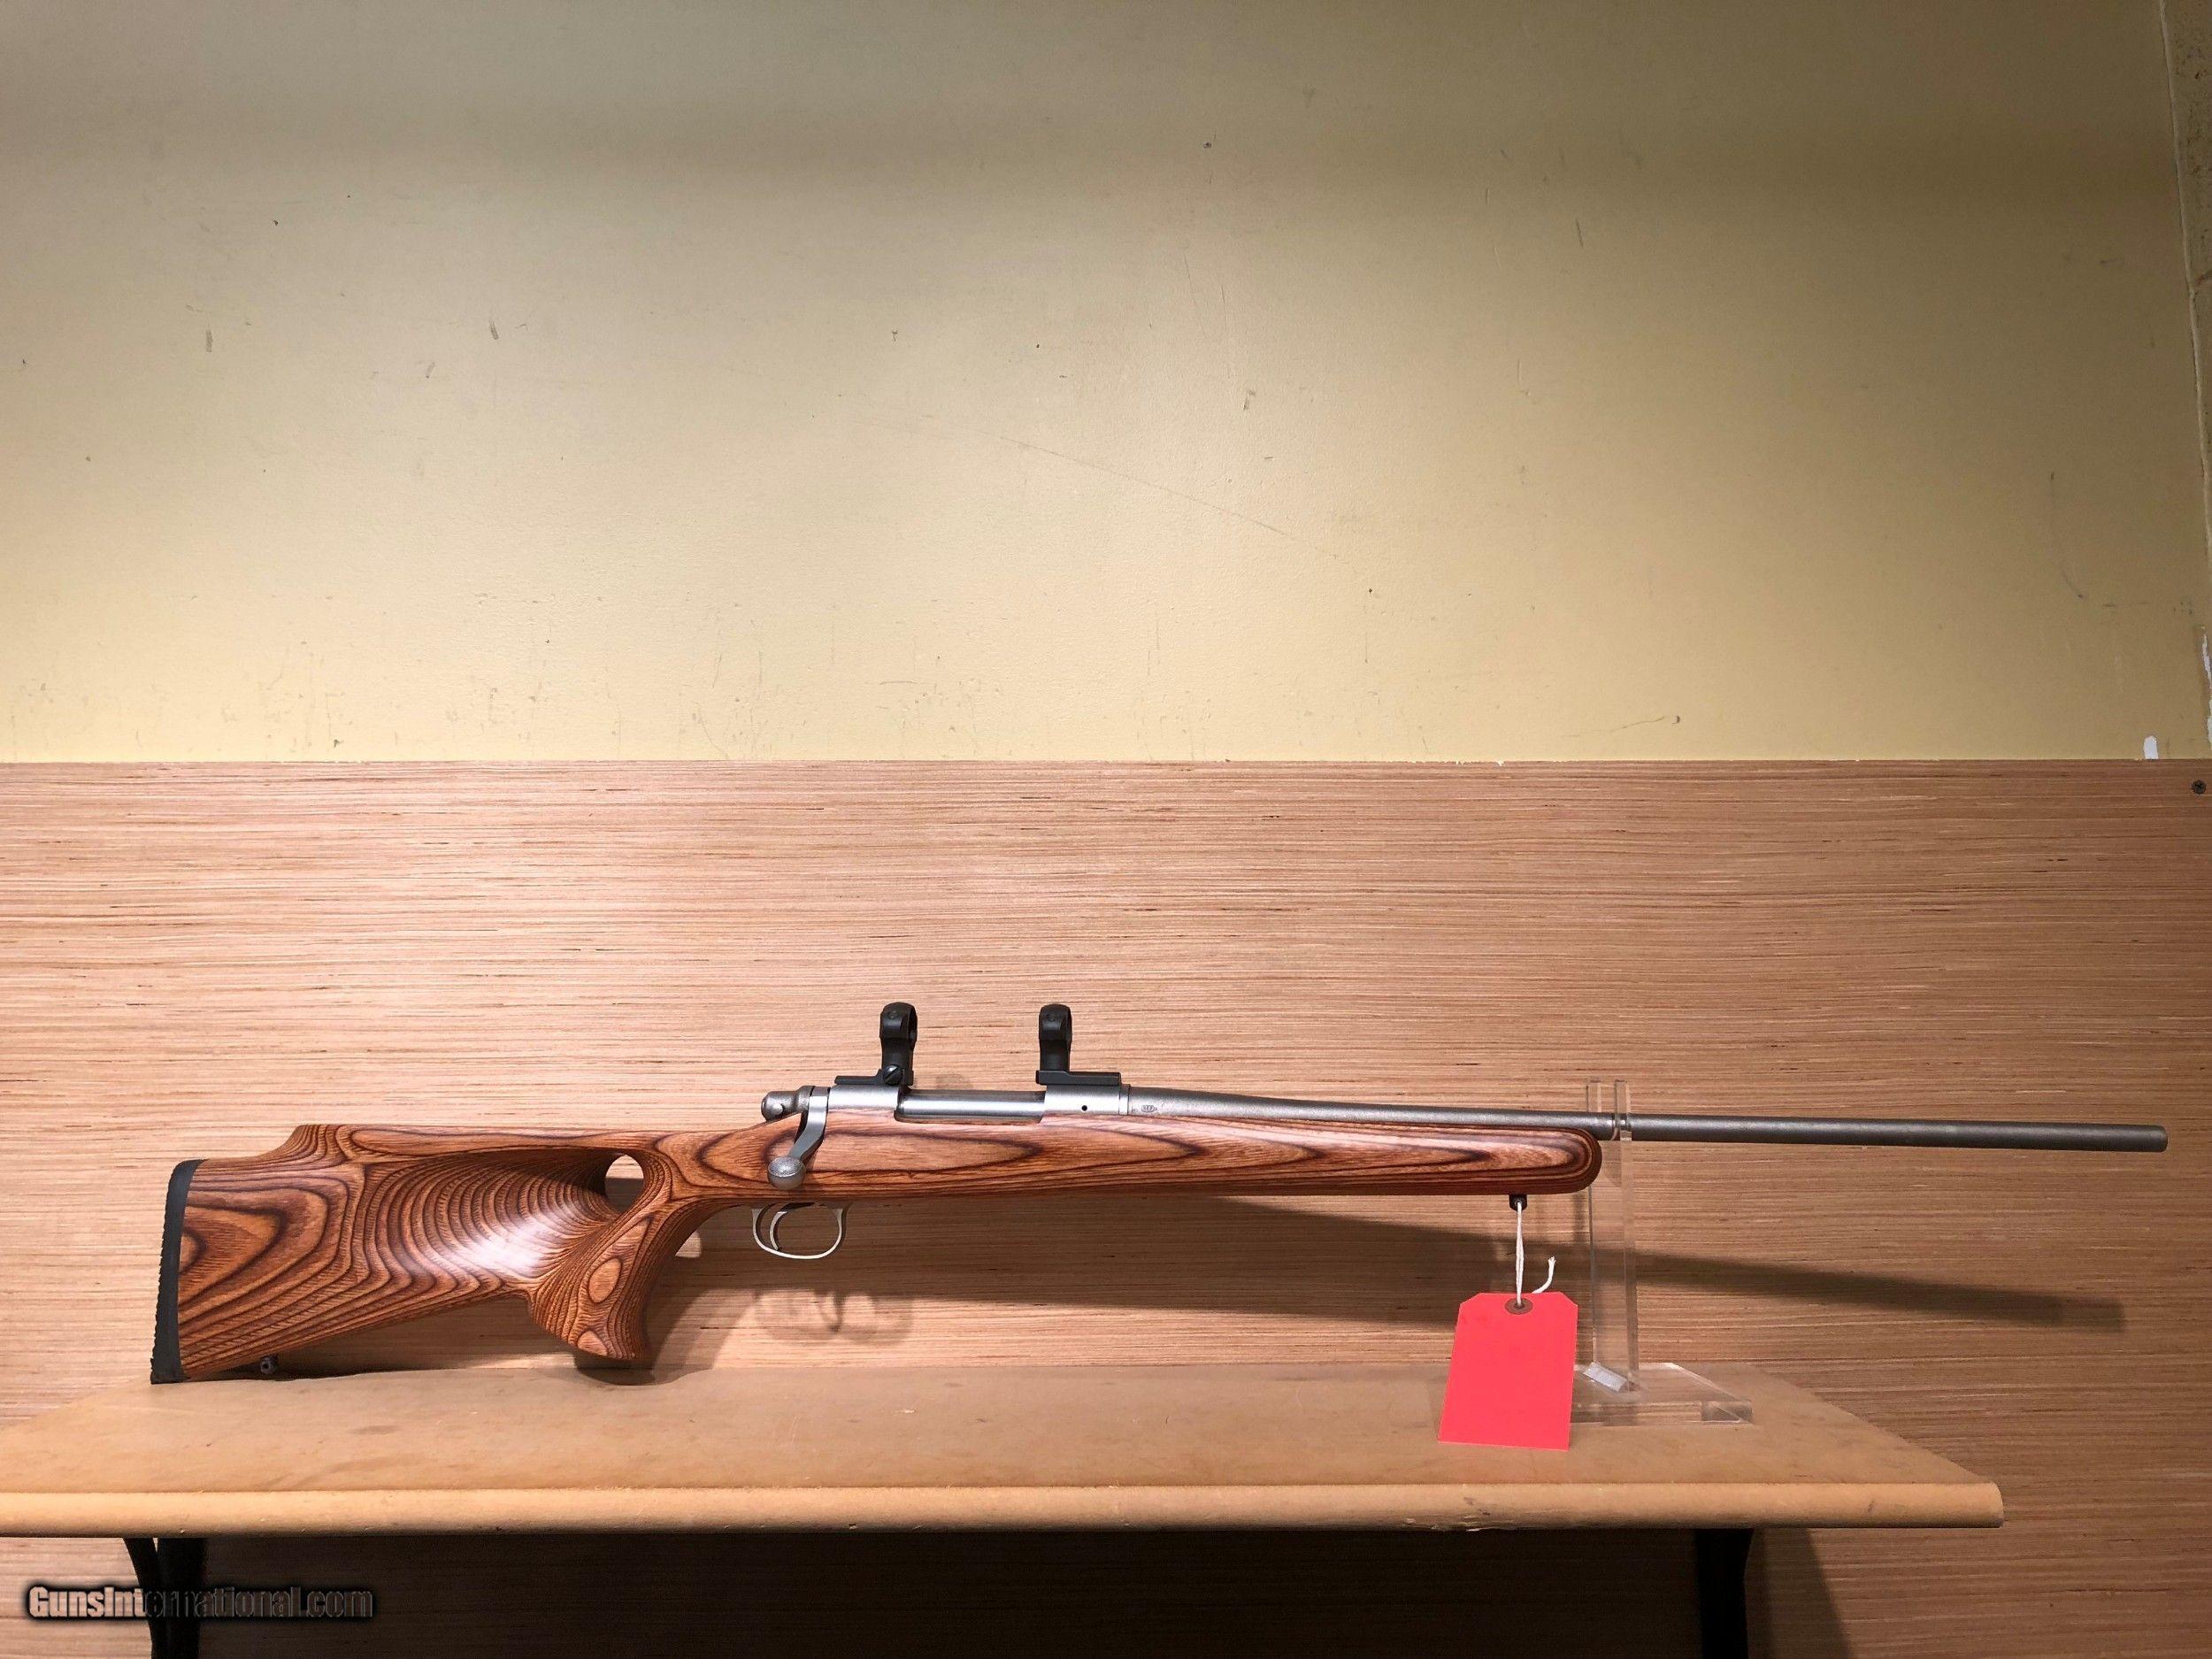 Thumb hole stock remington 700 adl